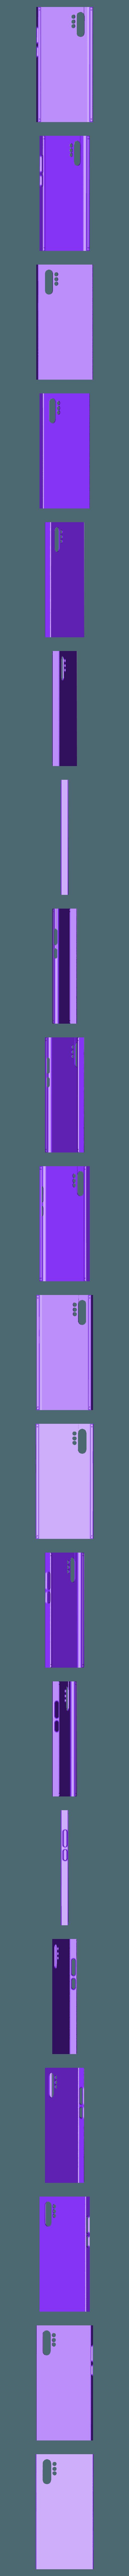 base.stl Télécharger fichier STL gratuit Samsung Galaxy Note 10+ Couverture pour usage intensif • Design pour imprimante 3D, MatsErik